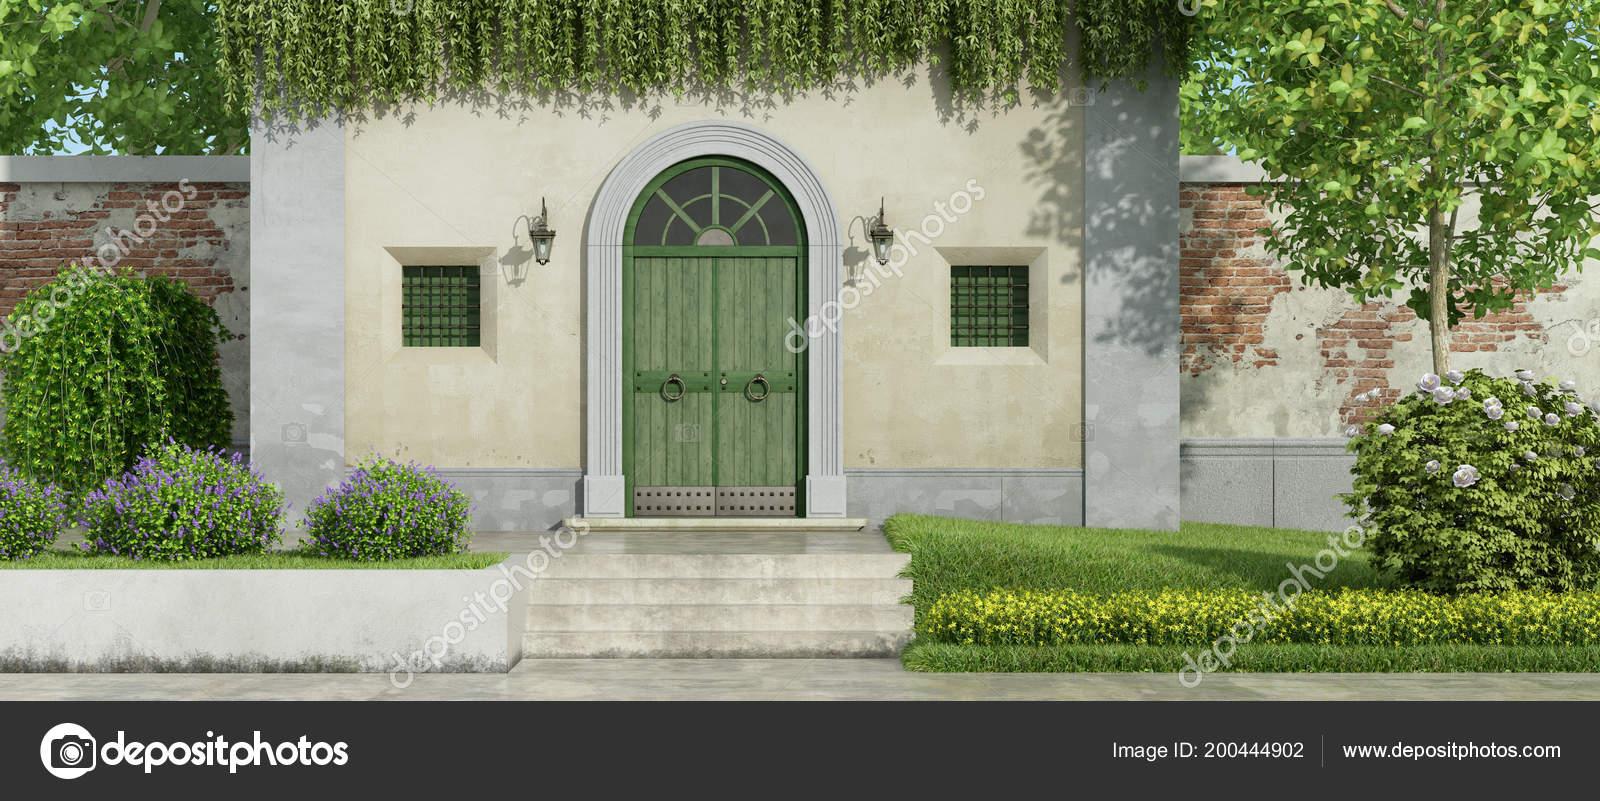 Eingangstür Landhaus kleines landhaus mit hölzernen eingangstür und garden mit Üppigen